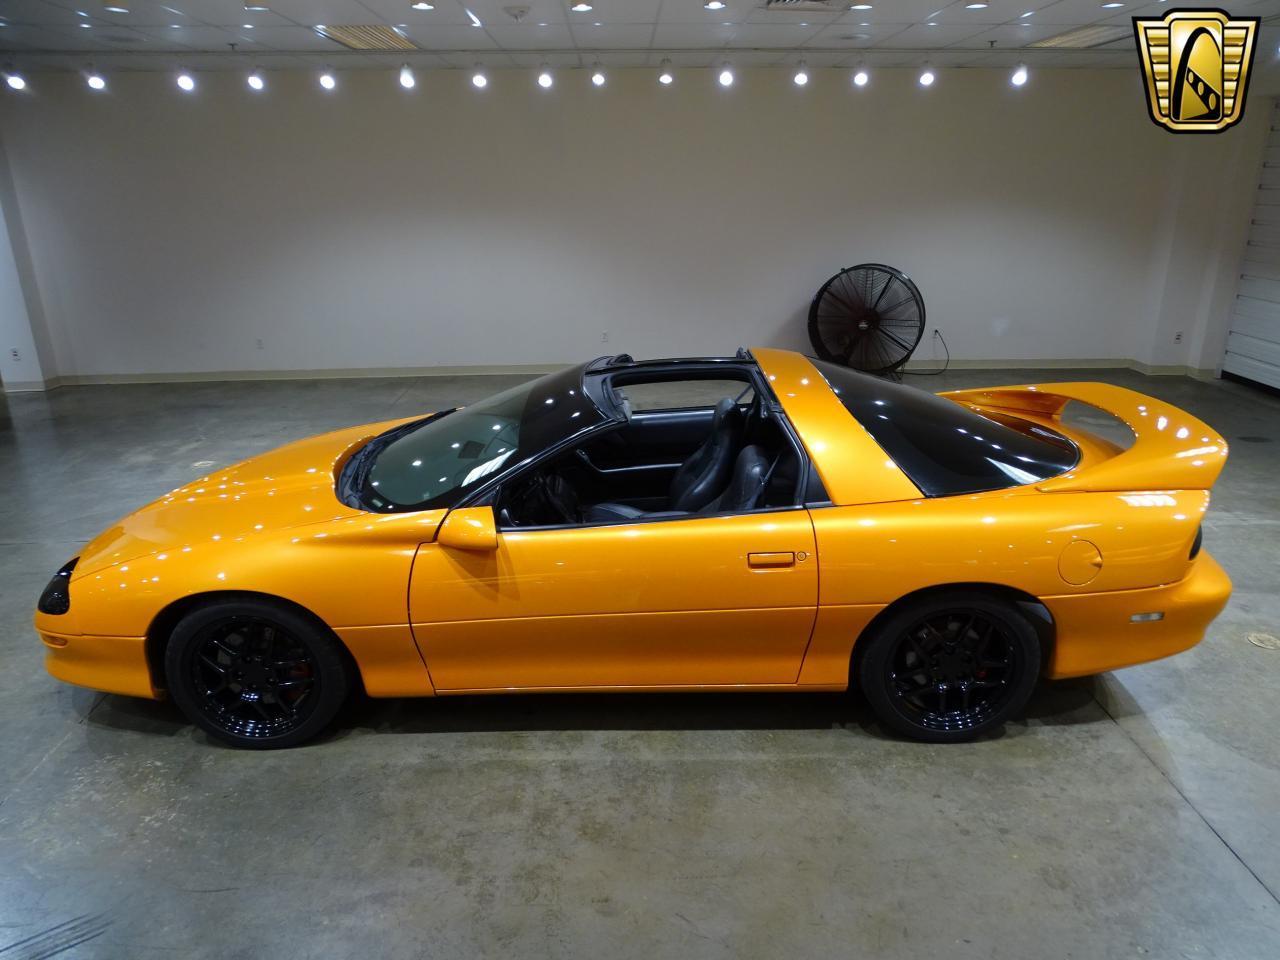 Large Picture of '96 Chevrolet Camaro - $11,595.00 - L8EI